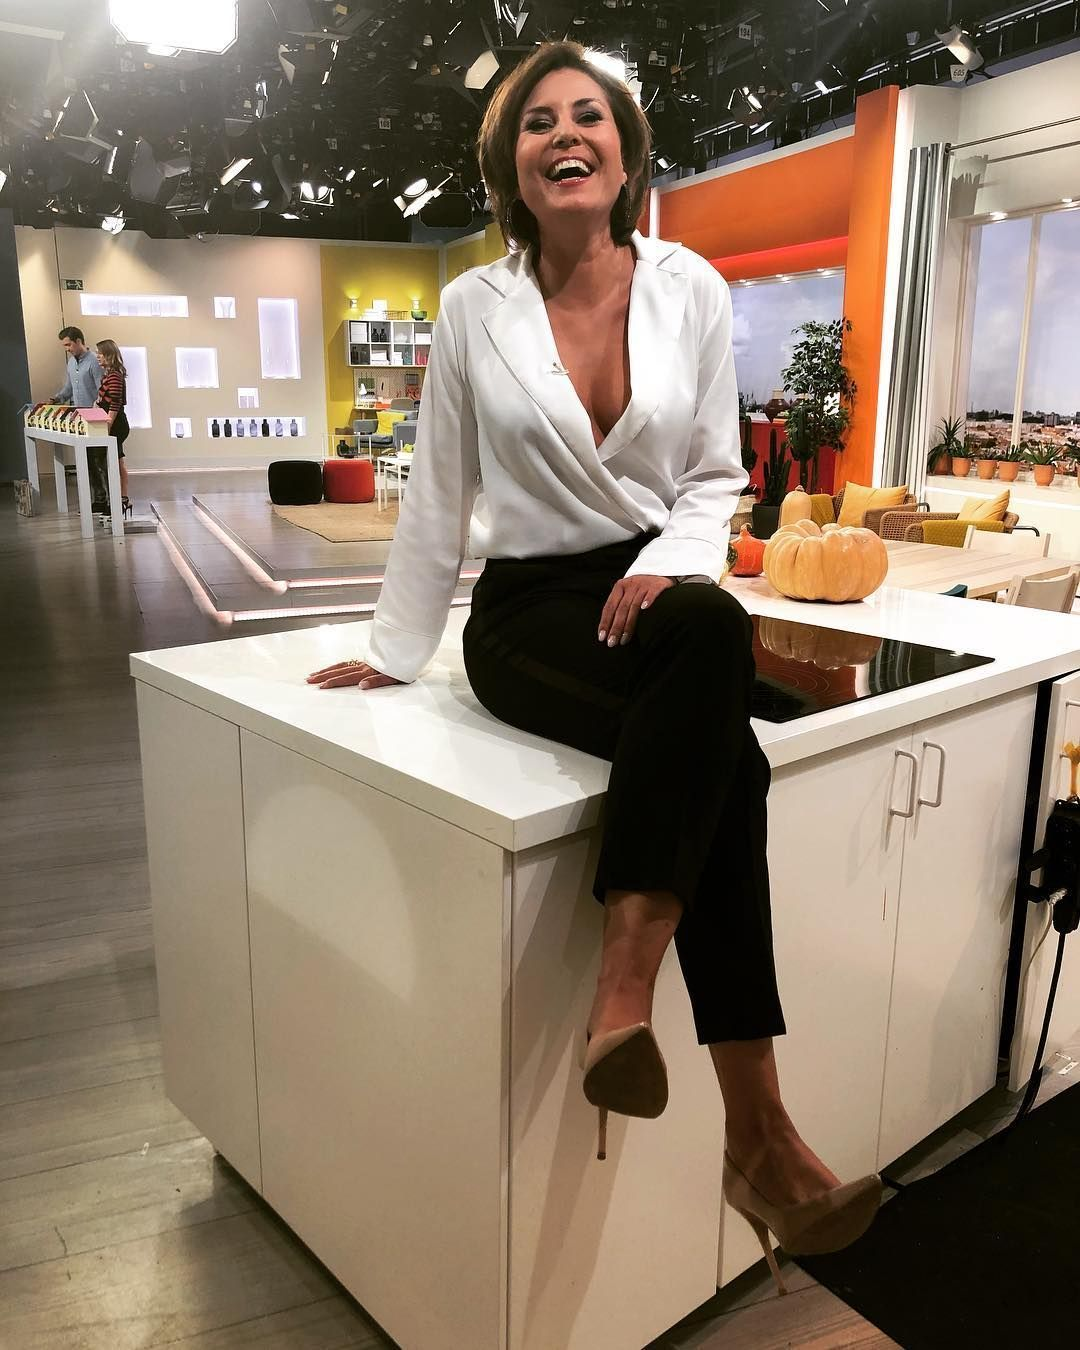 Bild Konnte Enthalten 1 Person Steht Kuche Und Innenbereich Ich Stehe Total Vanessa Blumhagen Prominente Prominente Frauen